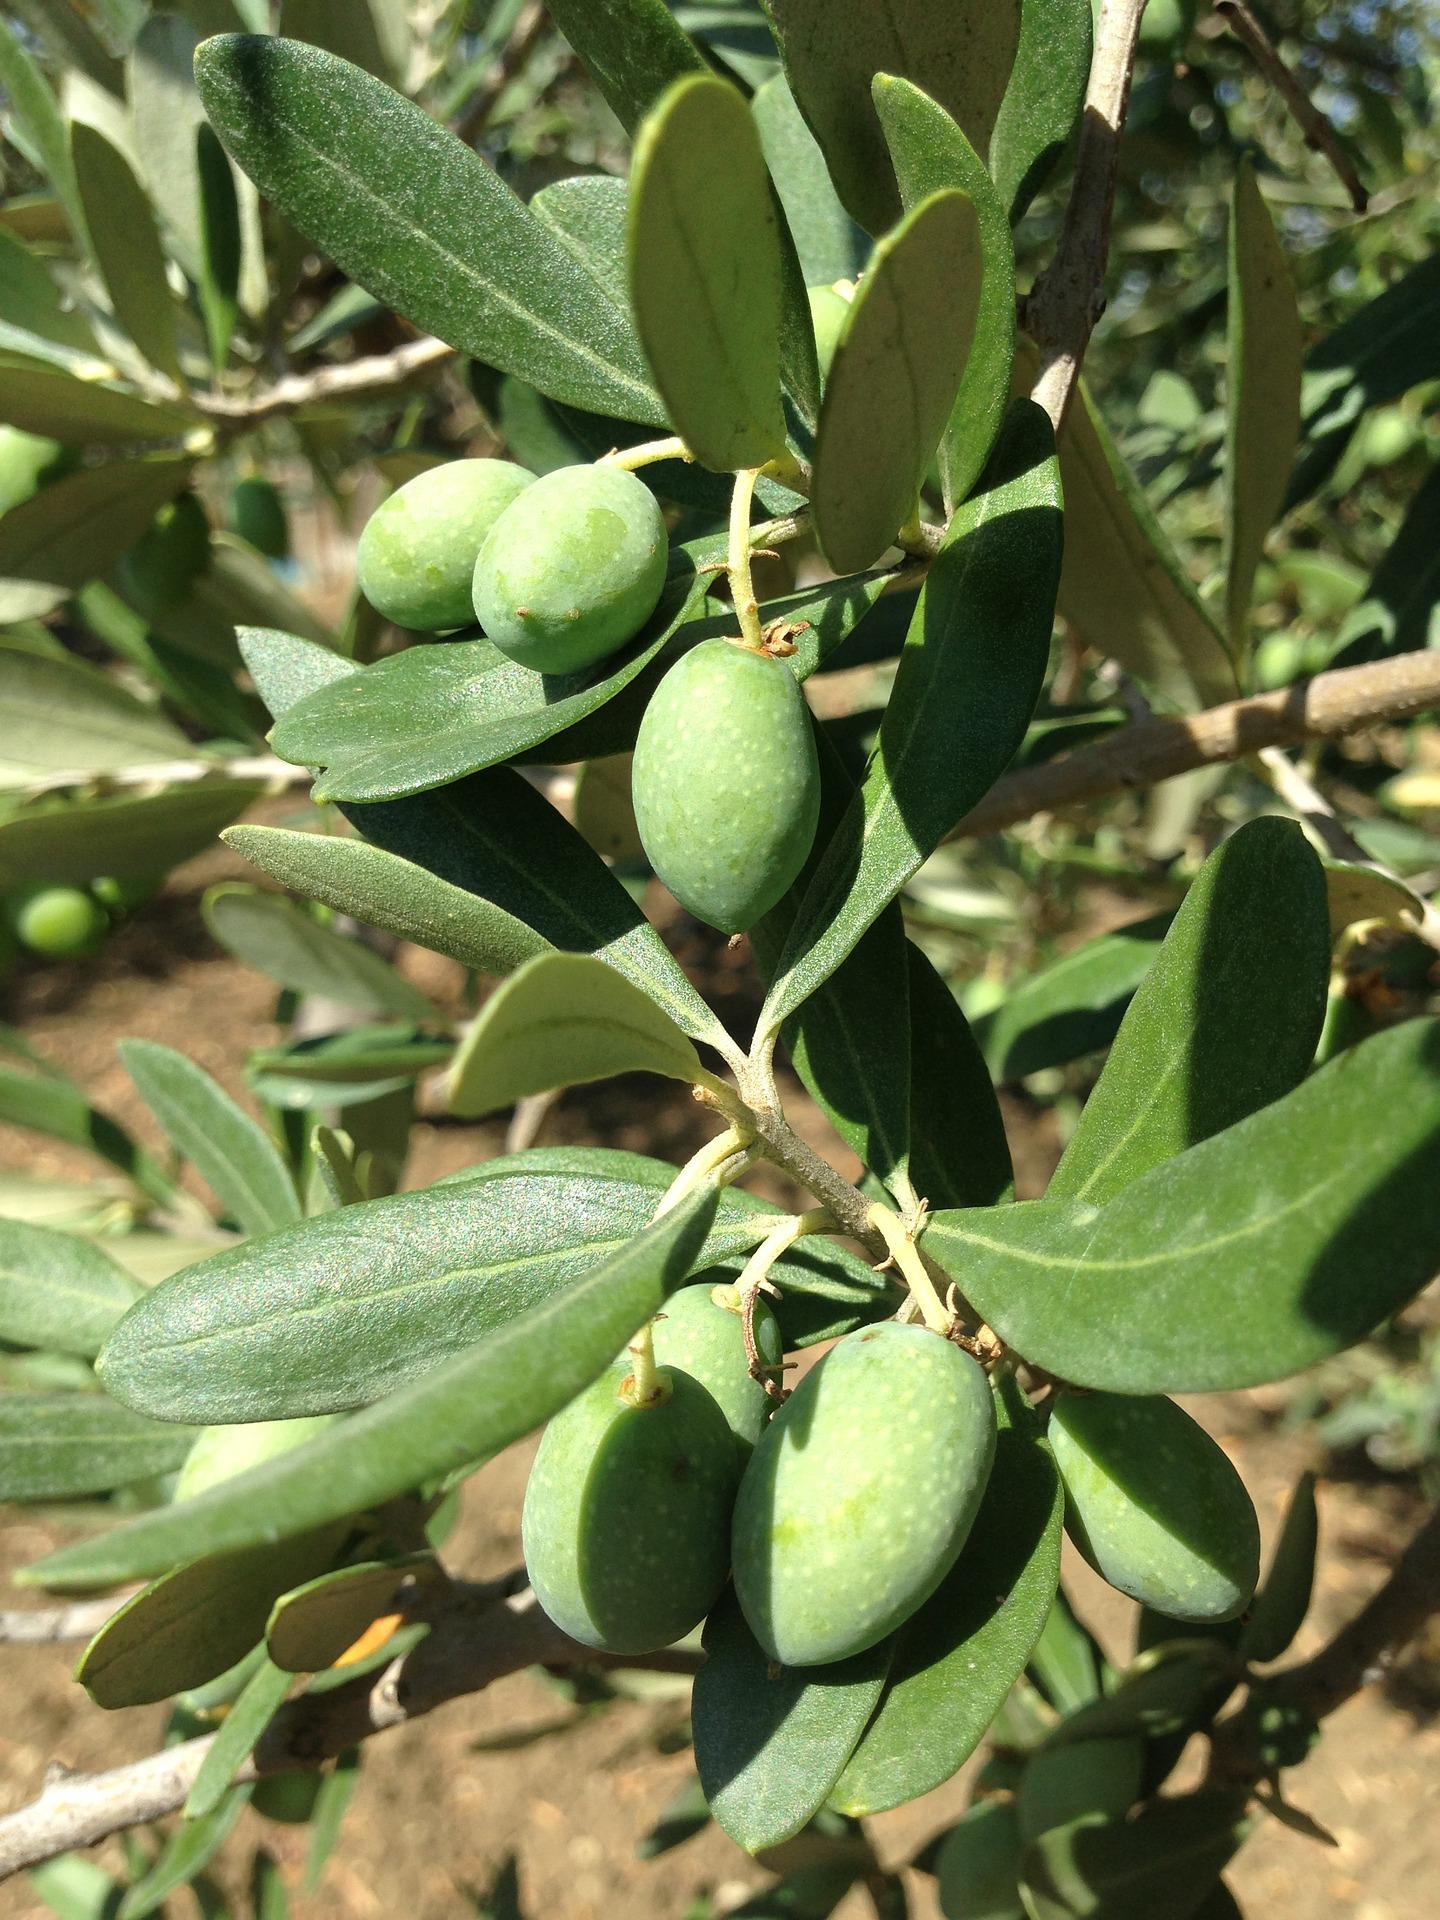 olives-1549770_1920.jpg